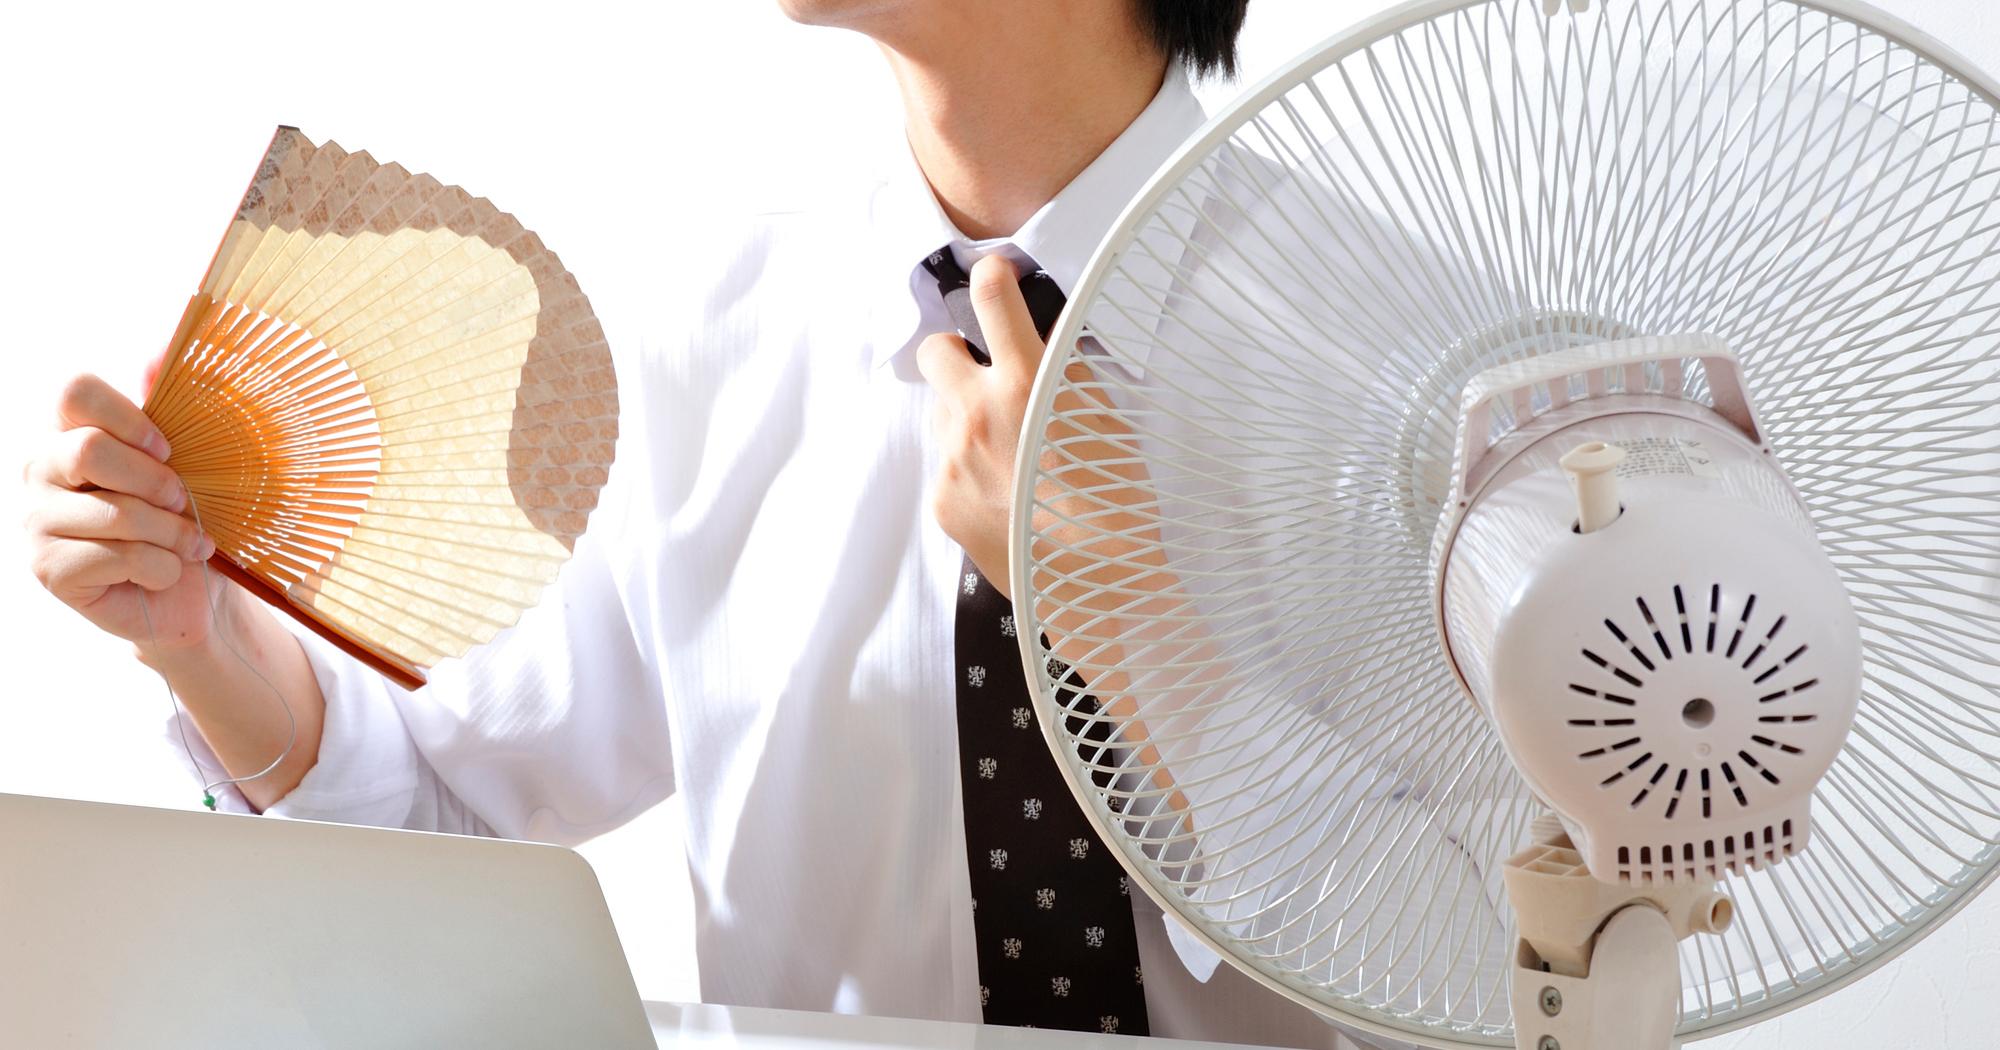 「夏は麺類」はニオイの原因?30~40代の体臭を抑える食事術